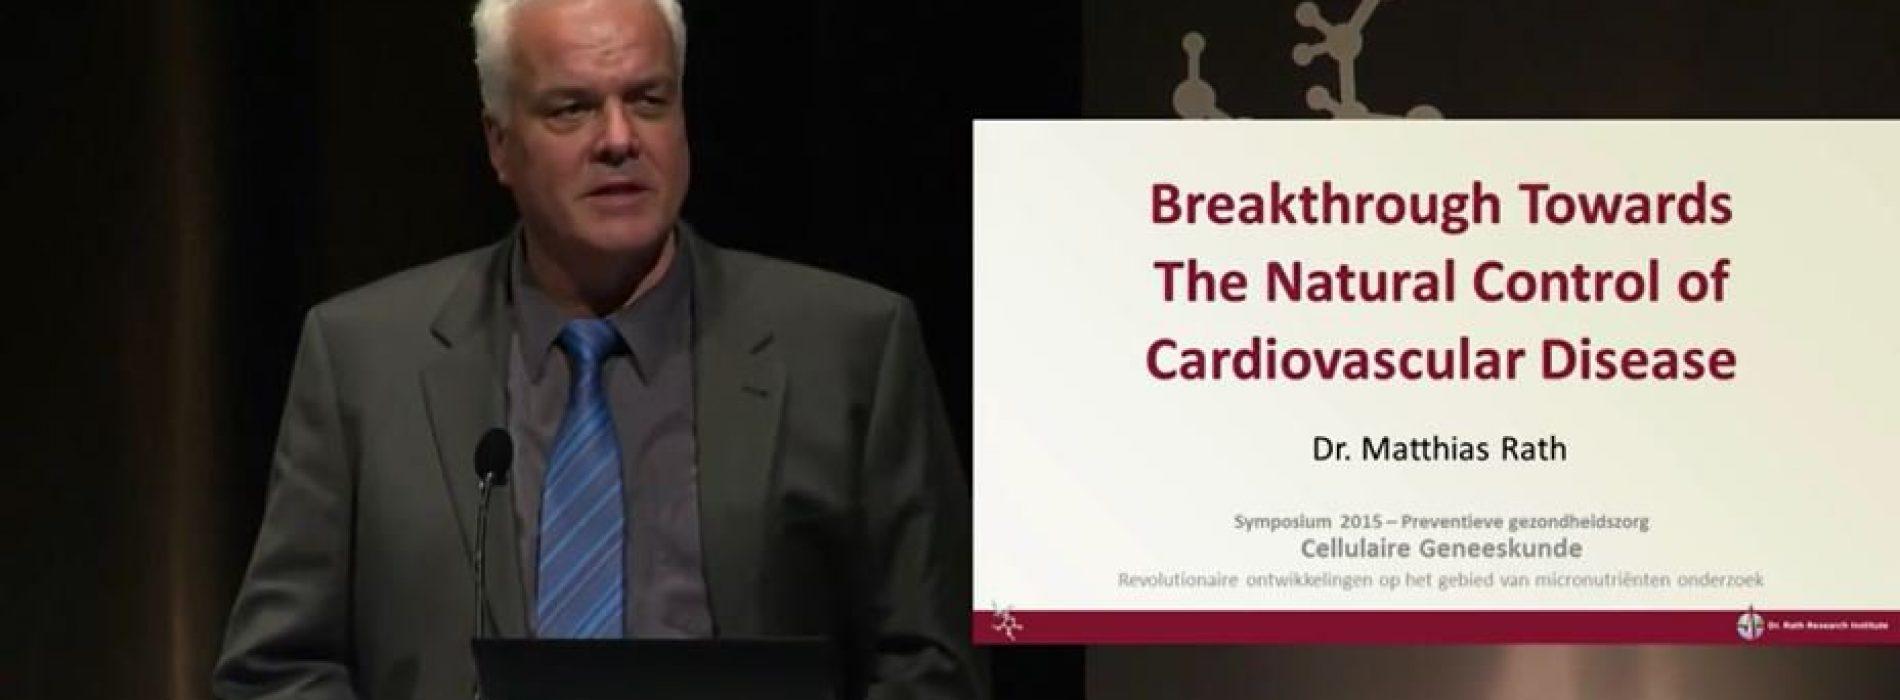 Doorbraak in onderzoek naar hart- en vaatziekten. Dit is één van de meest bekeken medische lezingen in Europa